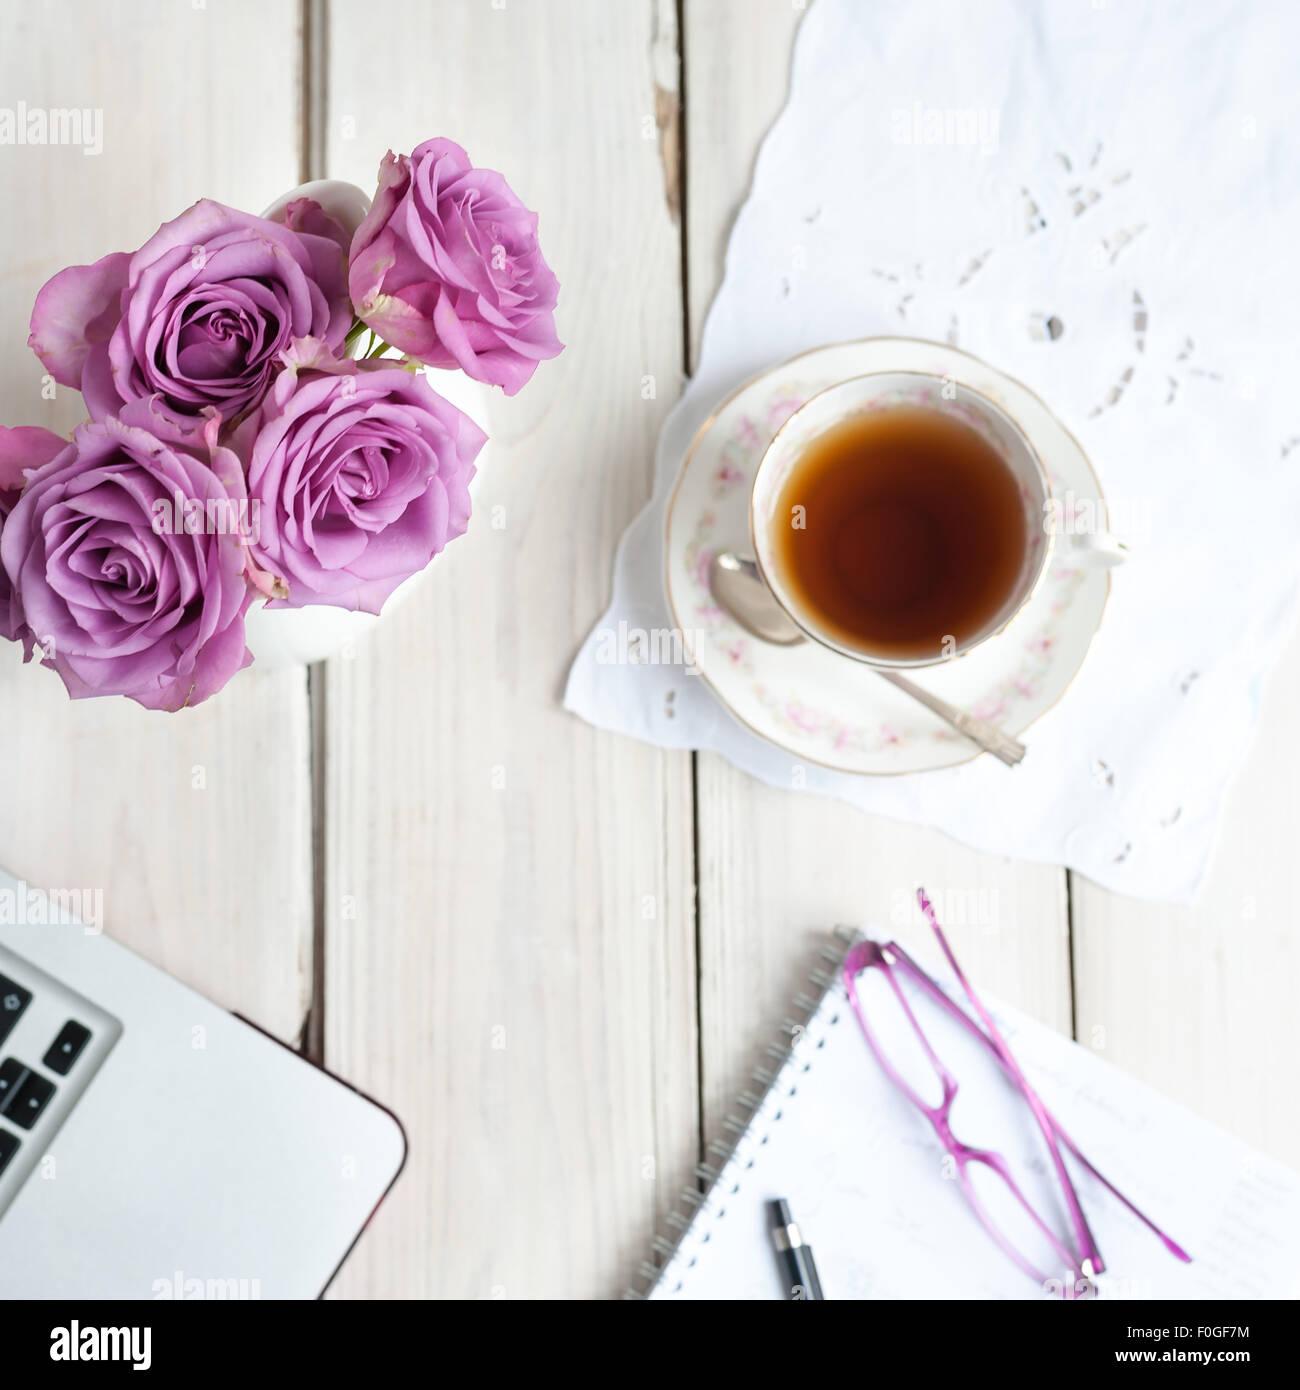 Lavoro a casa tea break con rose laptop notebook occhiali Immagini Stock